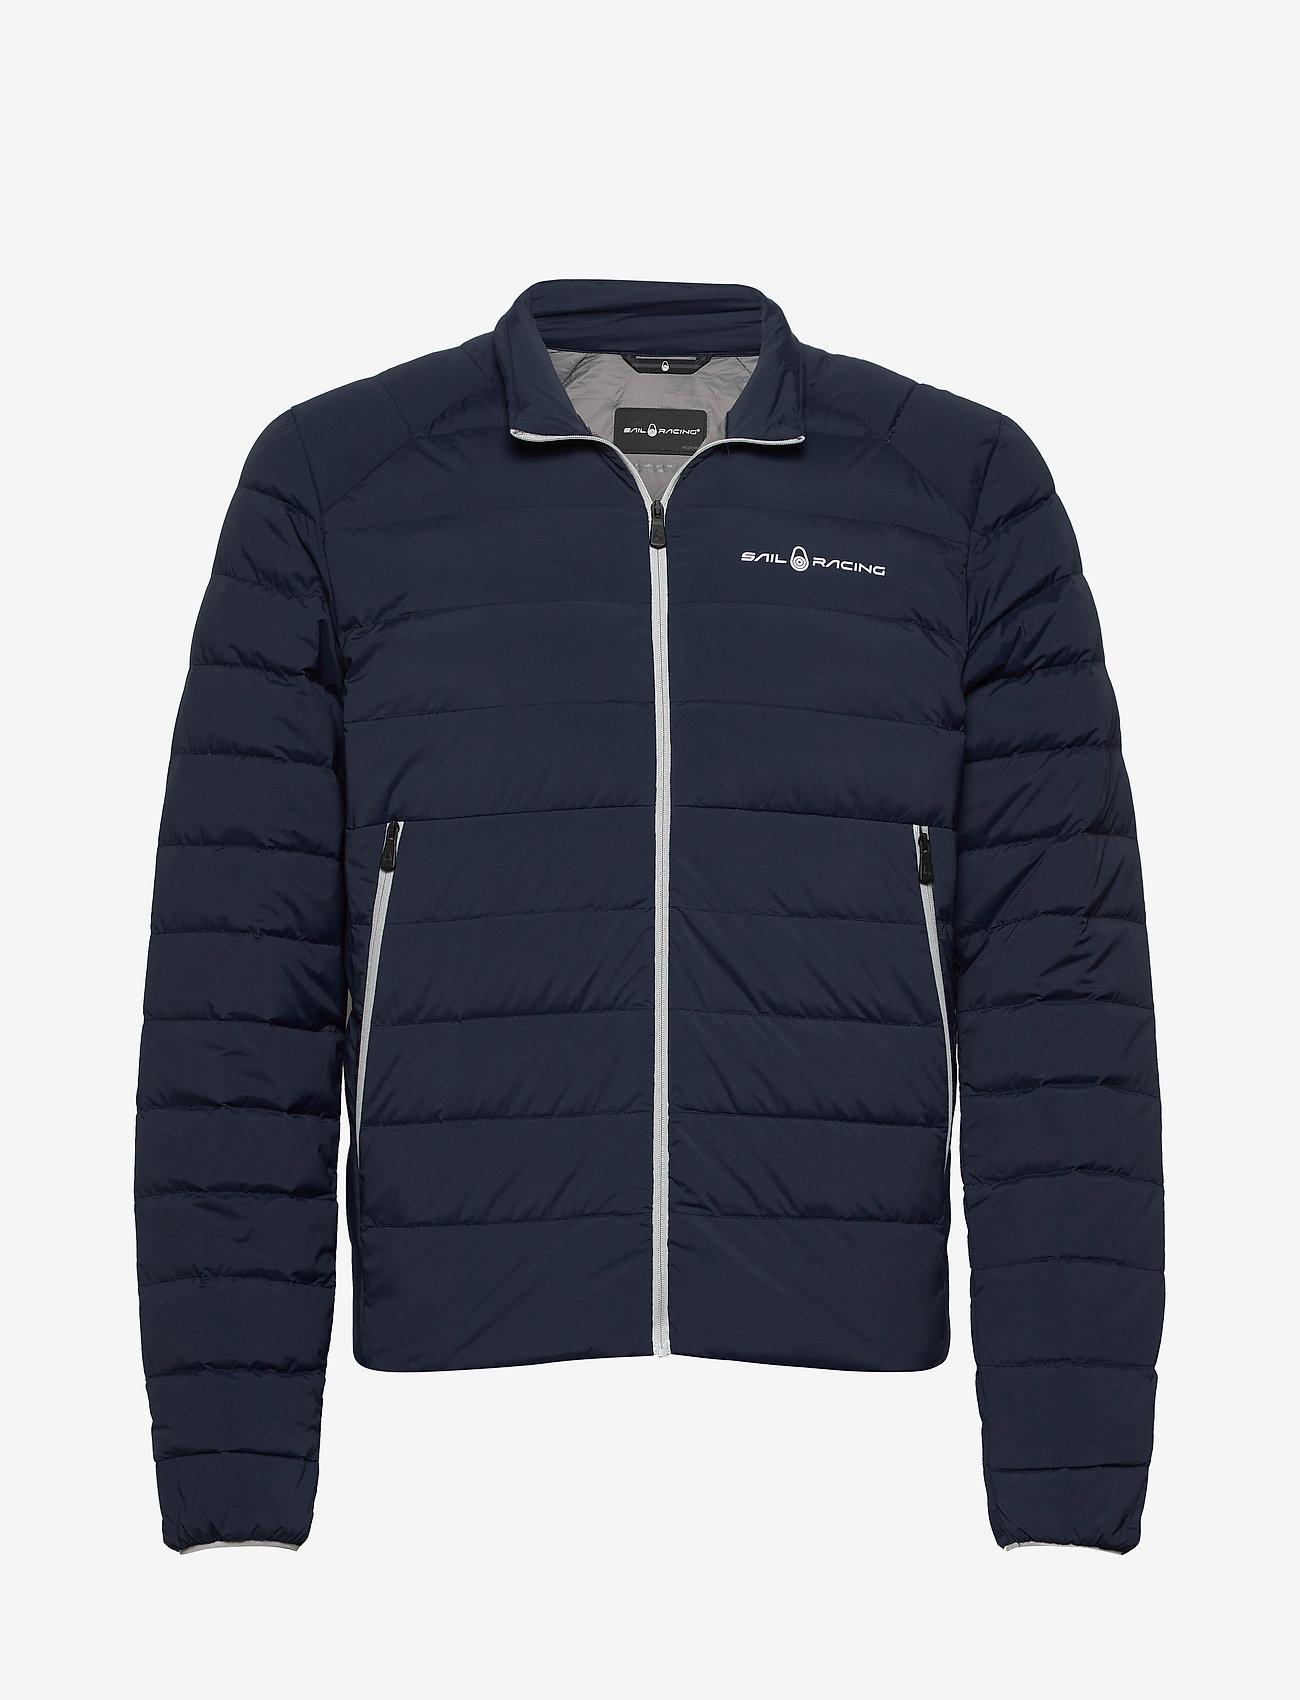 Sail Racing - SPRAY DOWN JACKET - down jackets - navy - 0